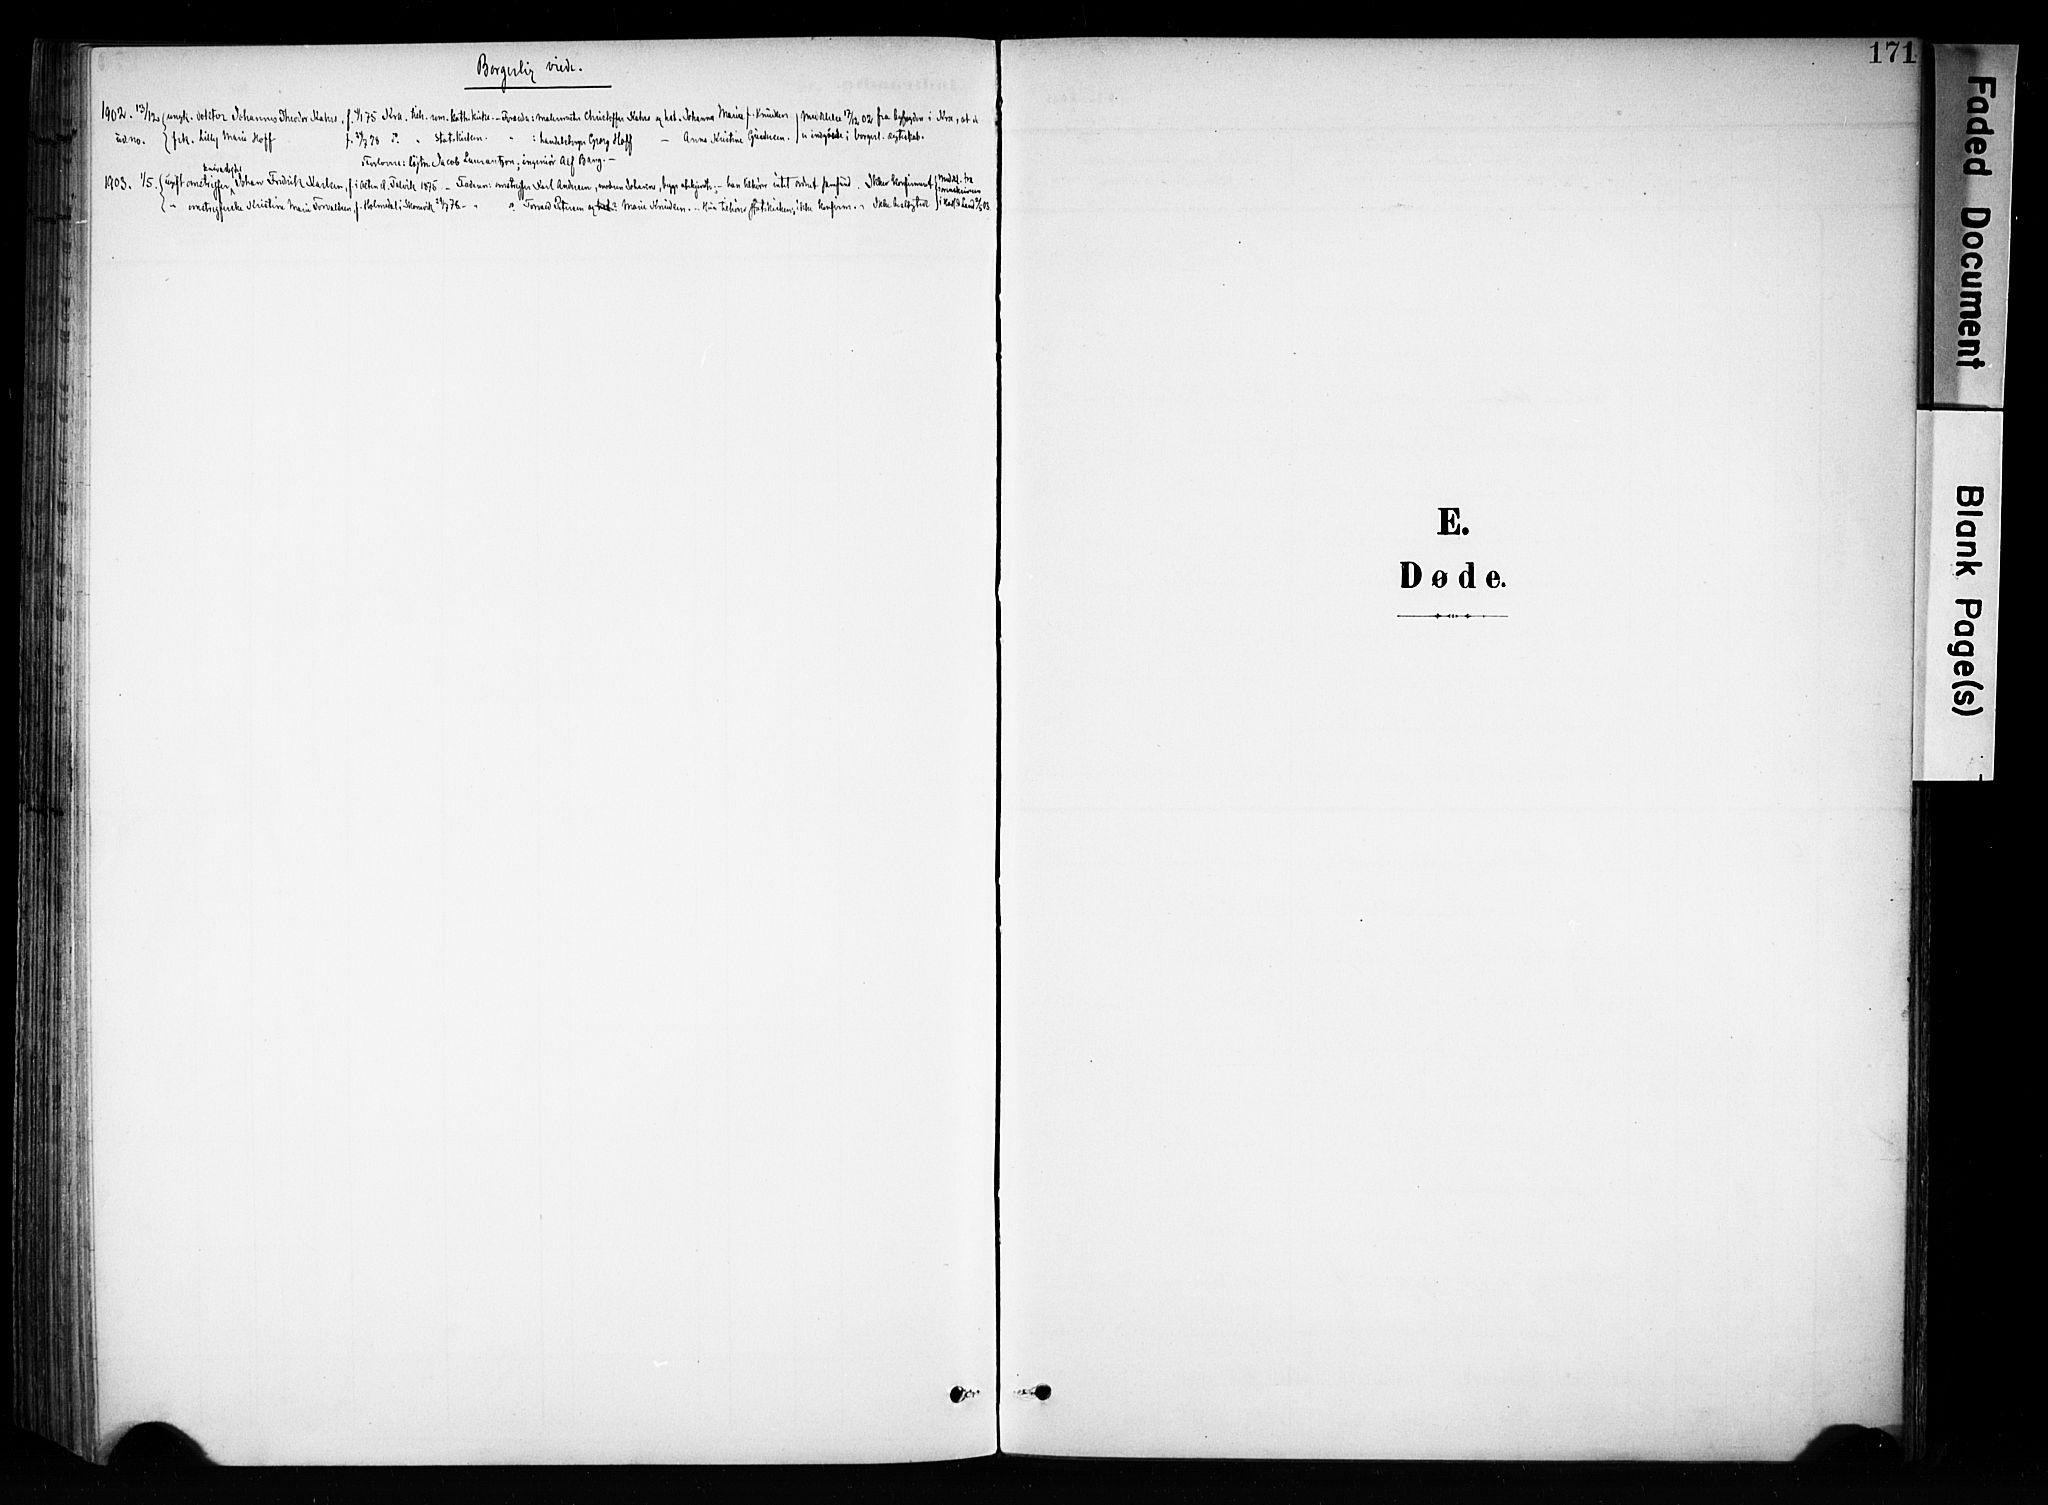 SAH, Brandbu prestekontor, Ministerialbok nr. 1, 1900-1912, s. 171